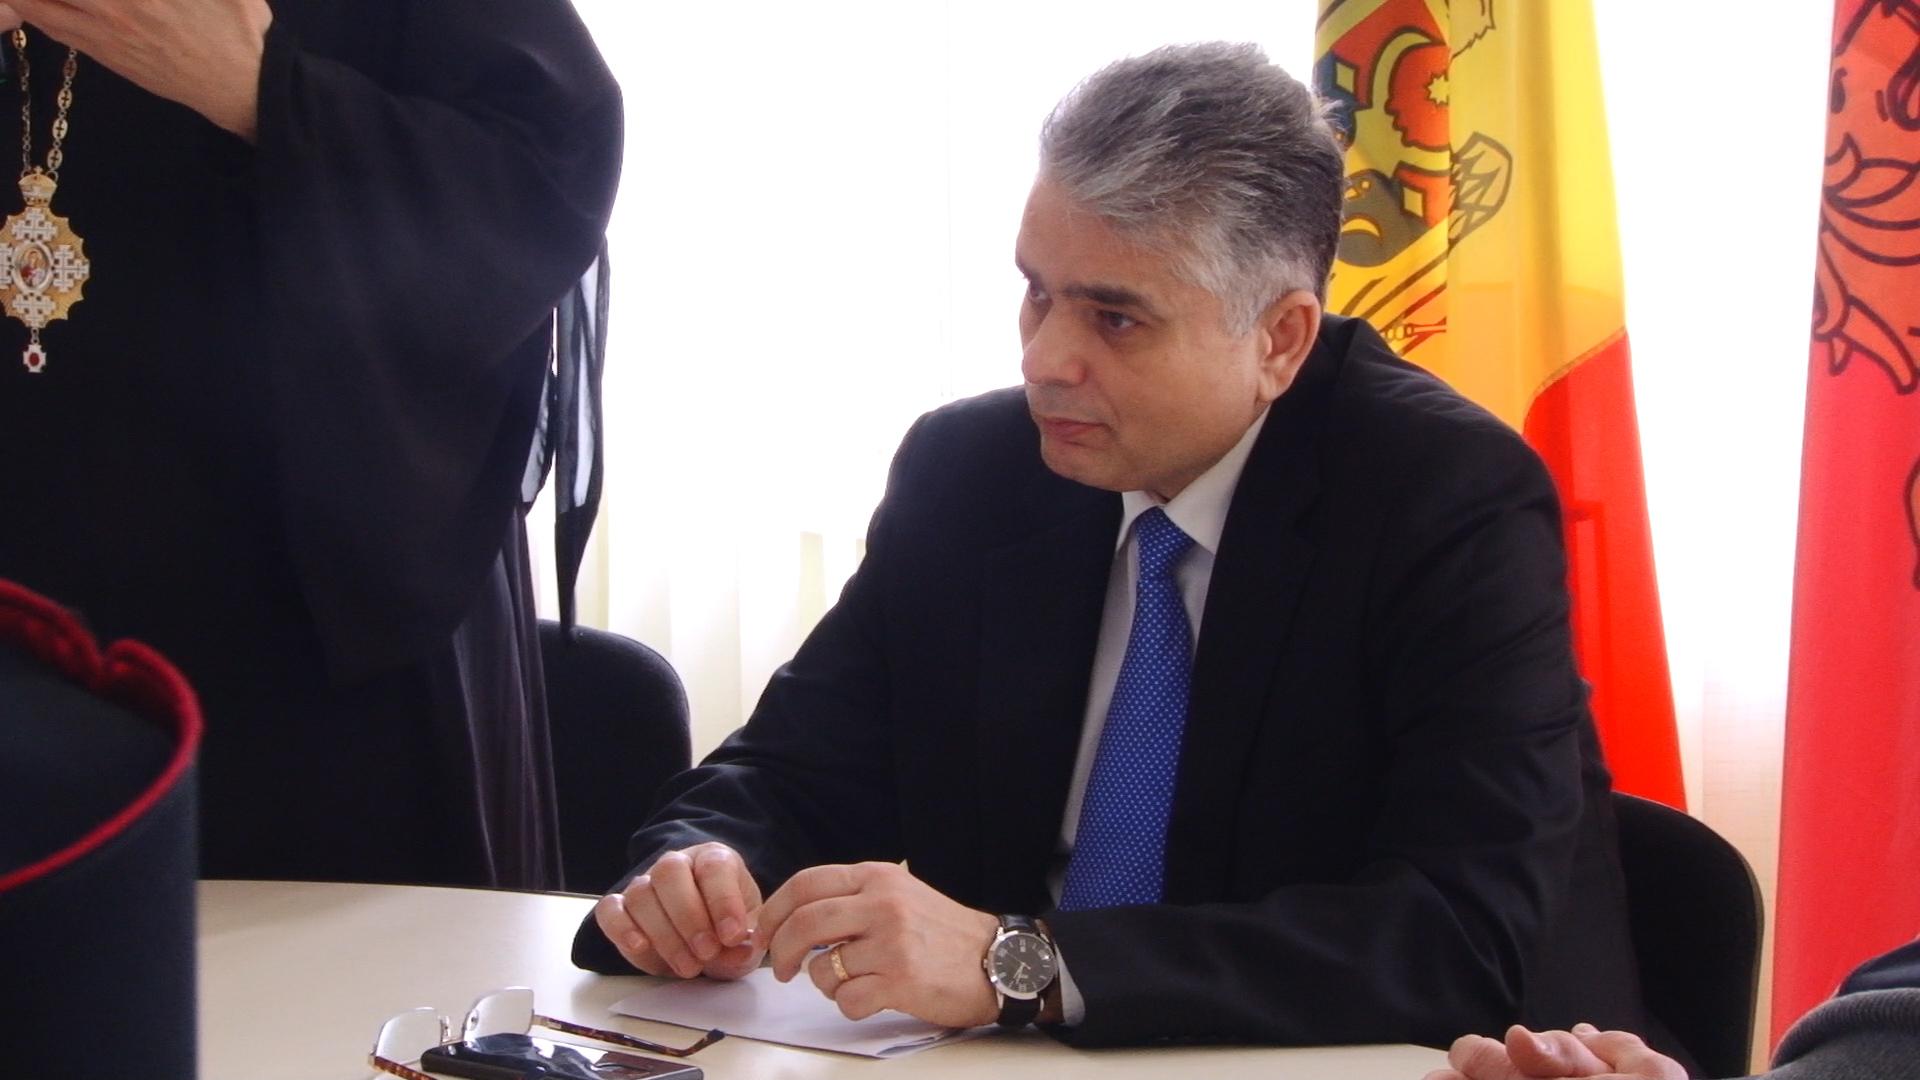 VIDEO | Cosulul General al României la Bălți: Sunt o grămadă de intermediari în jurul Consulatului, care blochează sistemul de programare